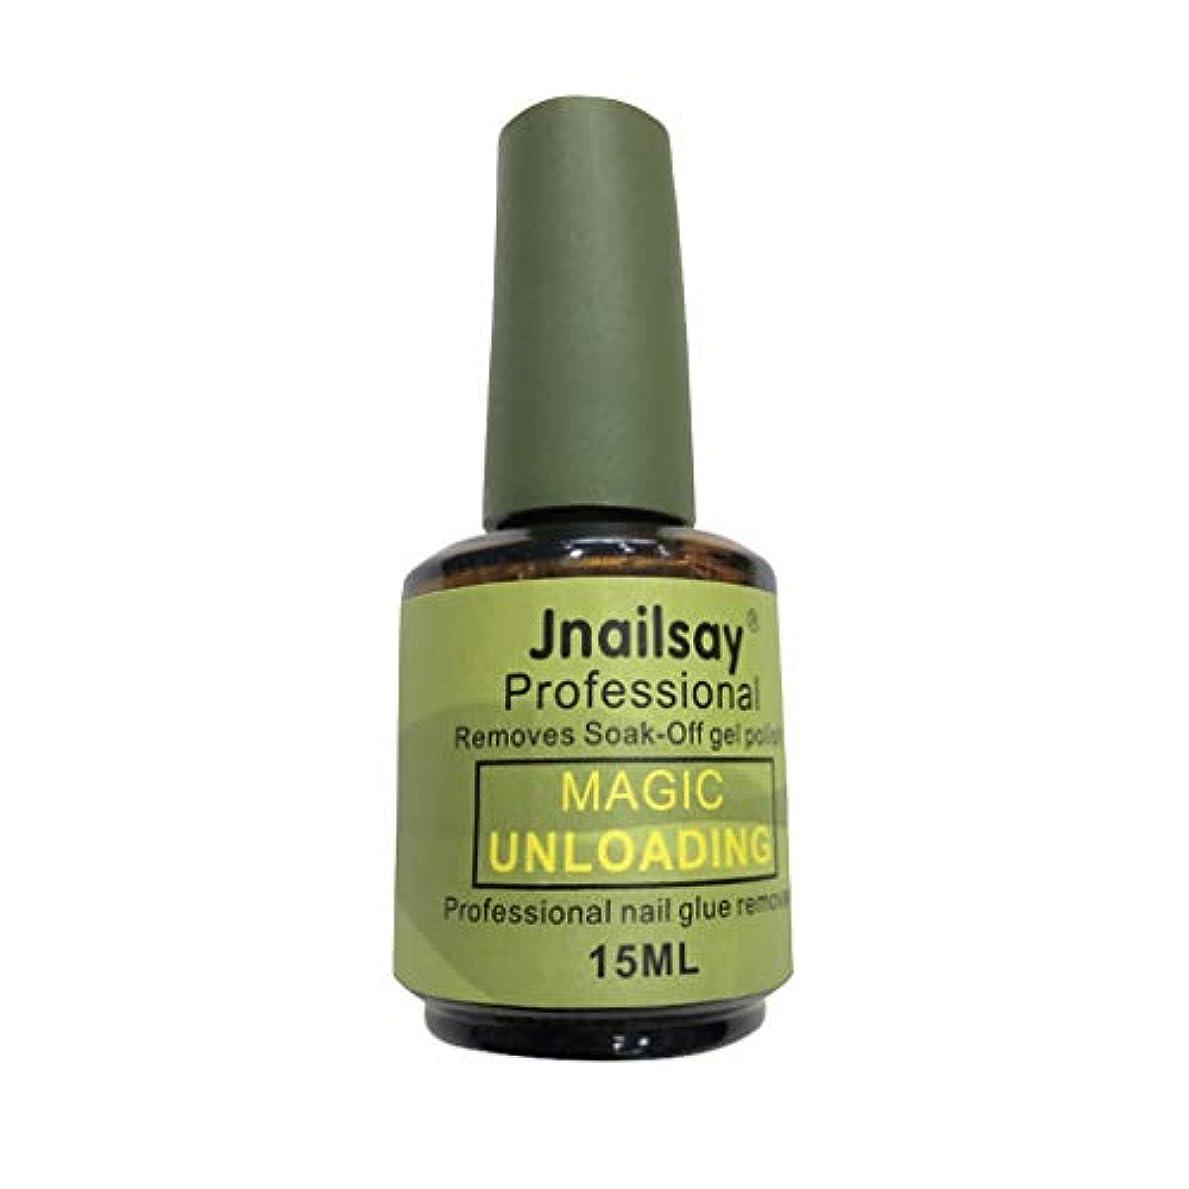 櫛軍隊パン屋ネイル用品 Jnailsay 15ml速い破裂の装甲接着剤1分の荷を下す操作は釘を傷つけないで簡単で便利です (多色)